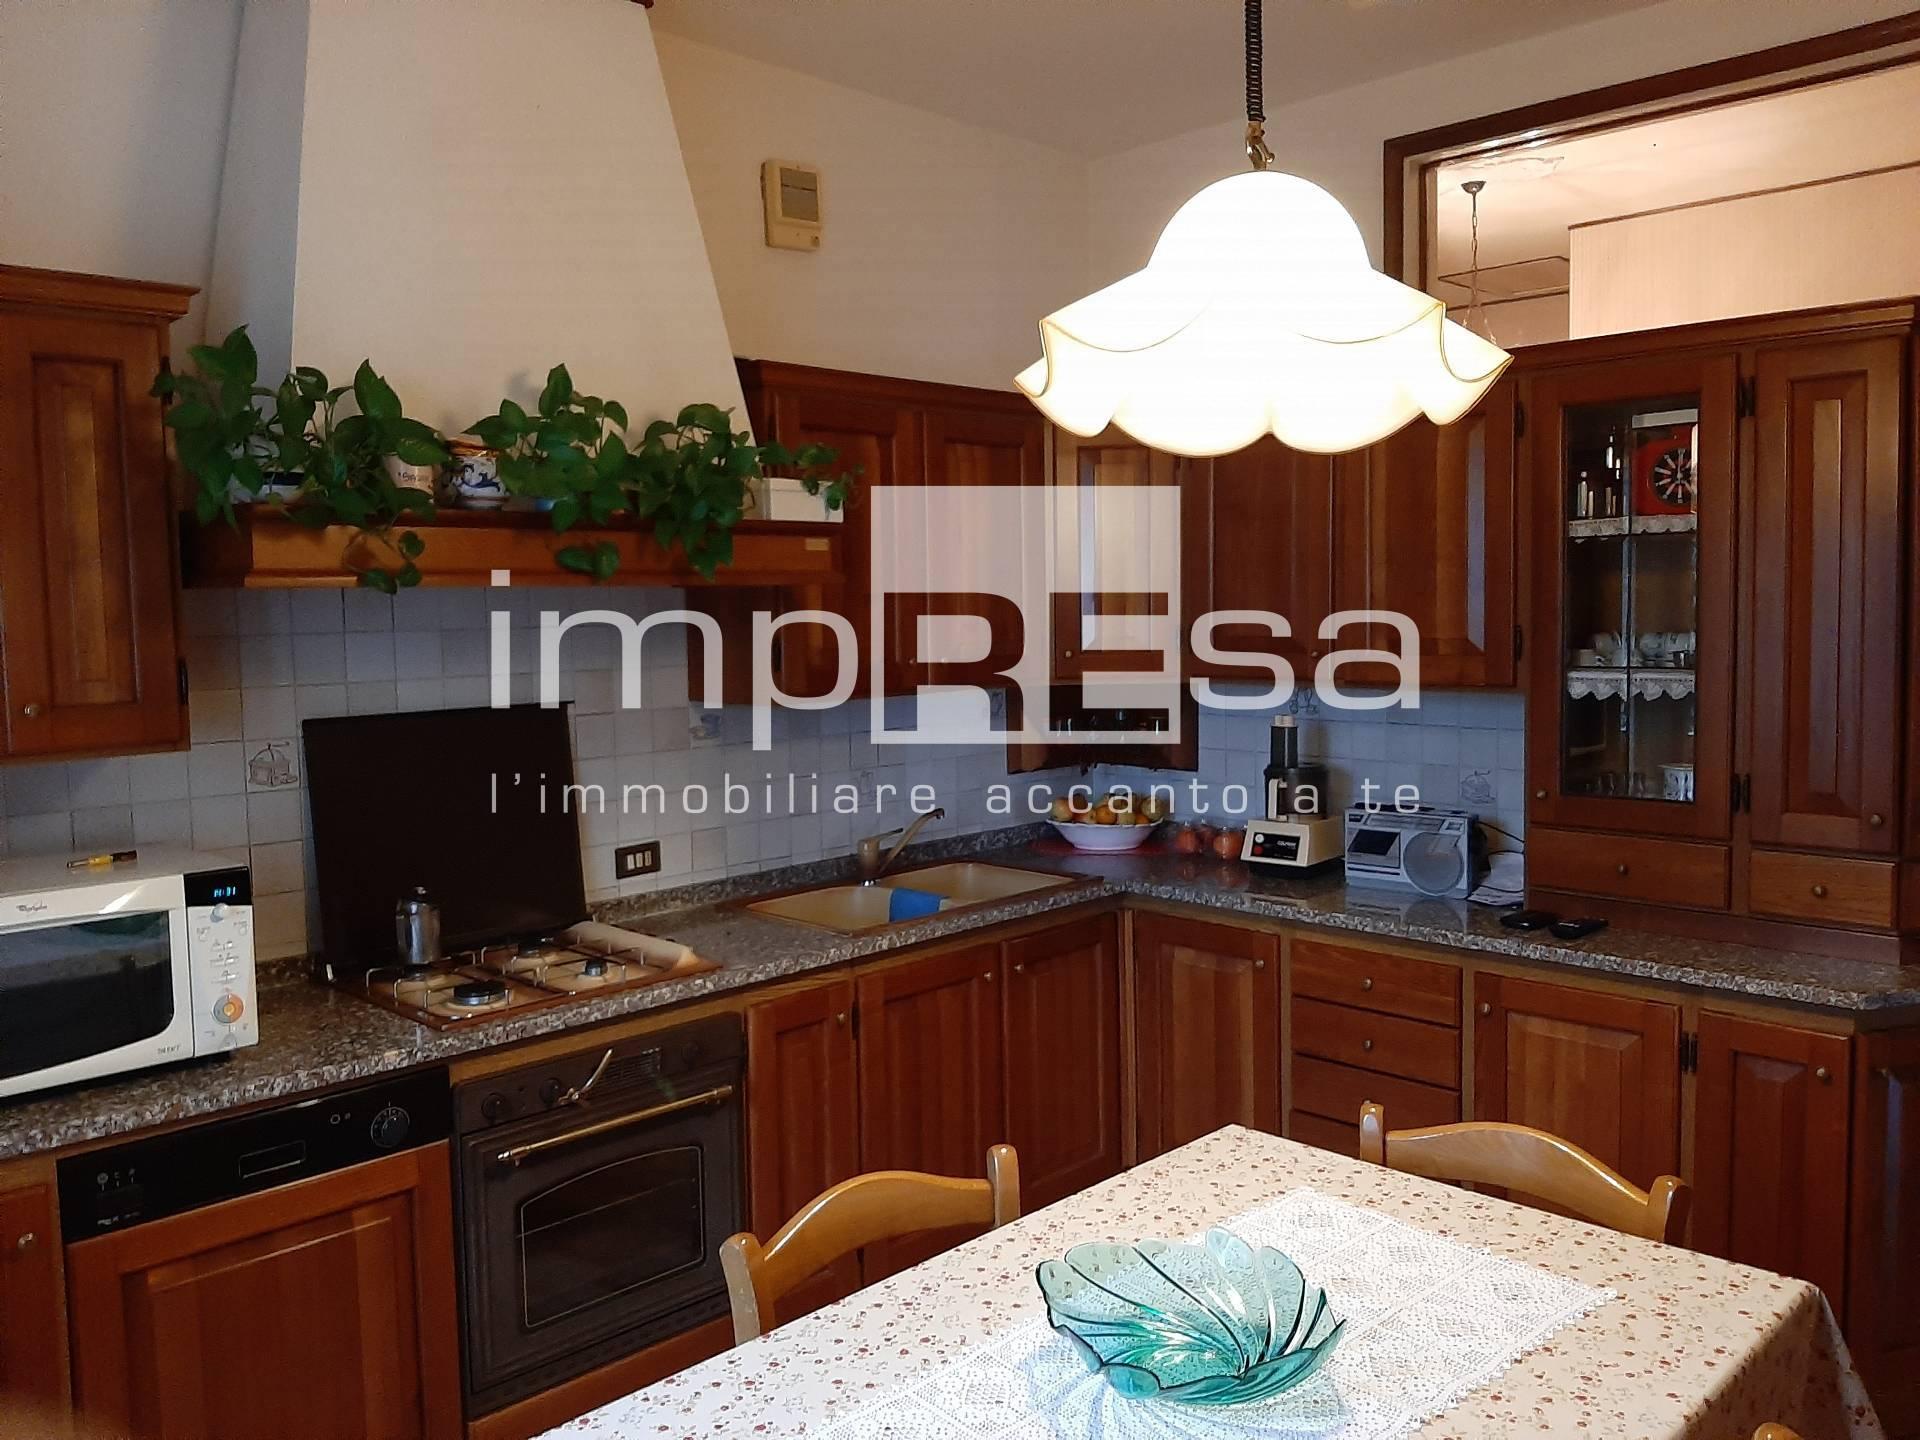 Appartamento in vendita a Paese, 6 locali, zona Località: Centro, prezzo € 170.000 | PortaleAgenzieImmobiliari.it